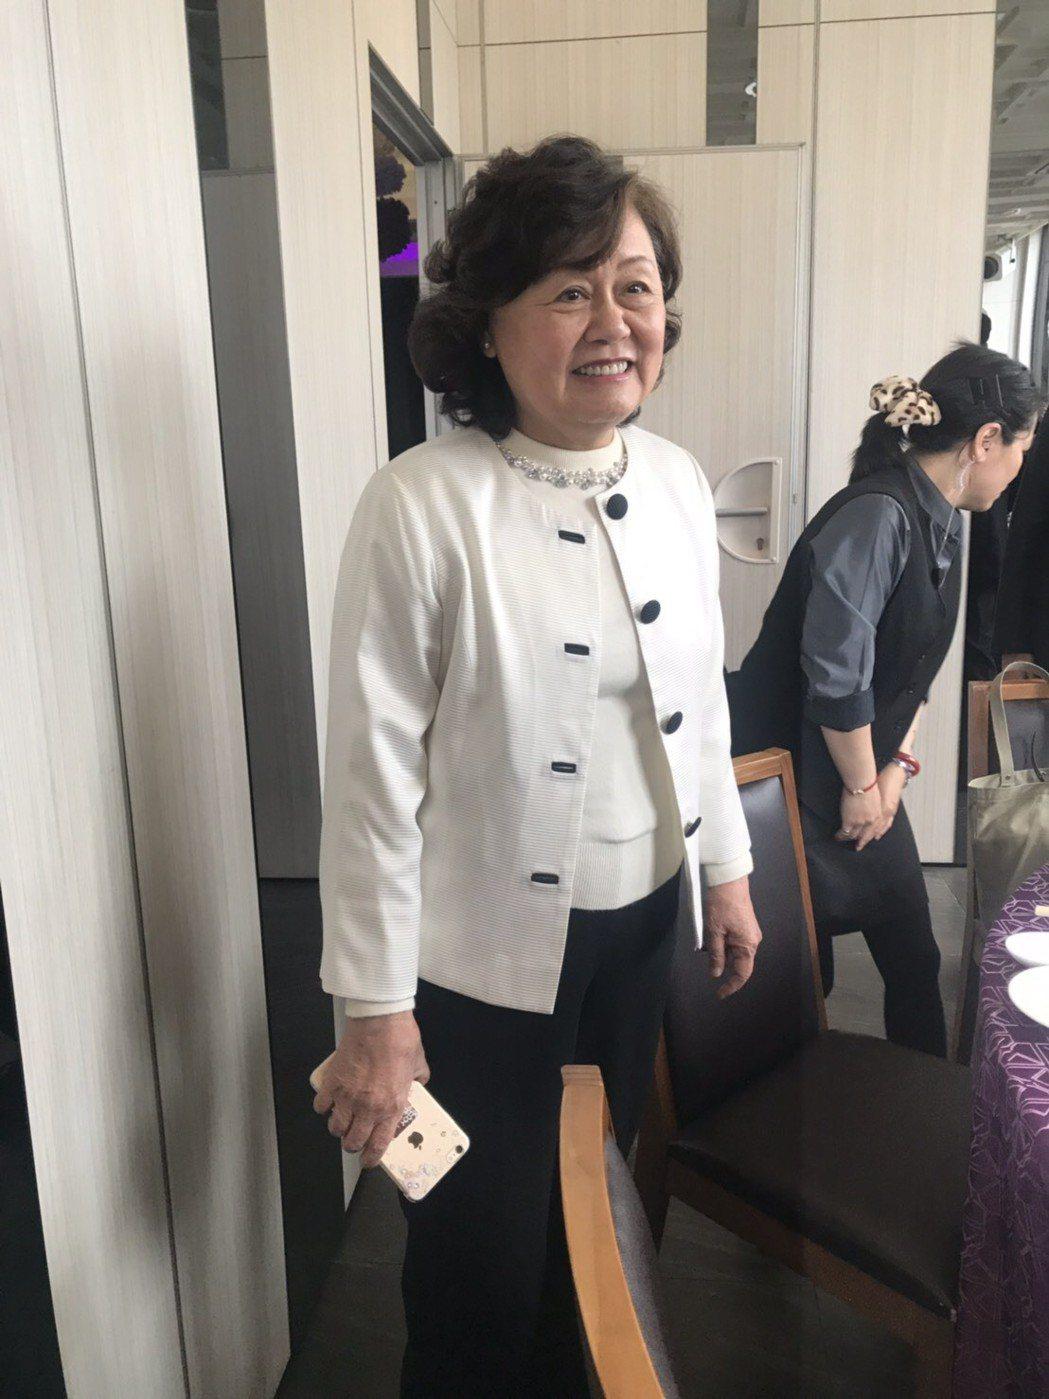 原任民視總經理的王明玉在當選新任董事長後,特地來跟媒體打個招呼。圖/民視提供